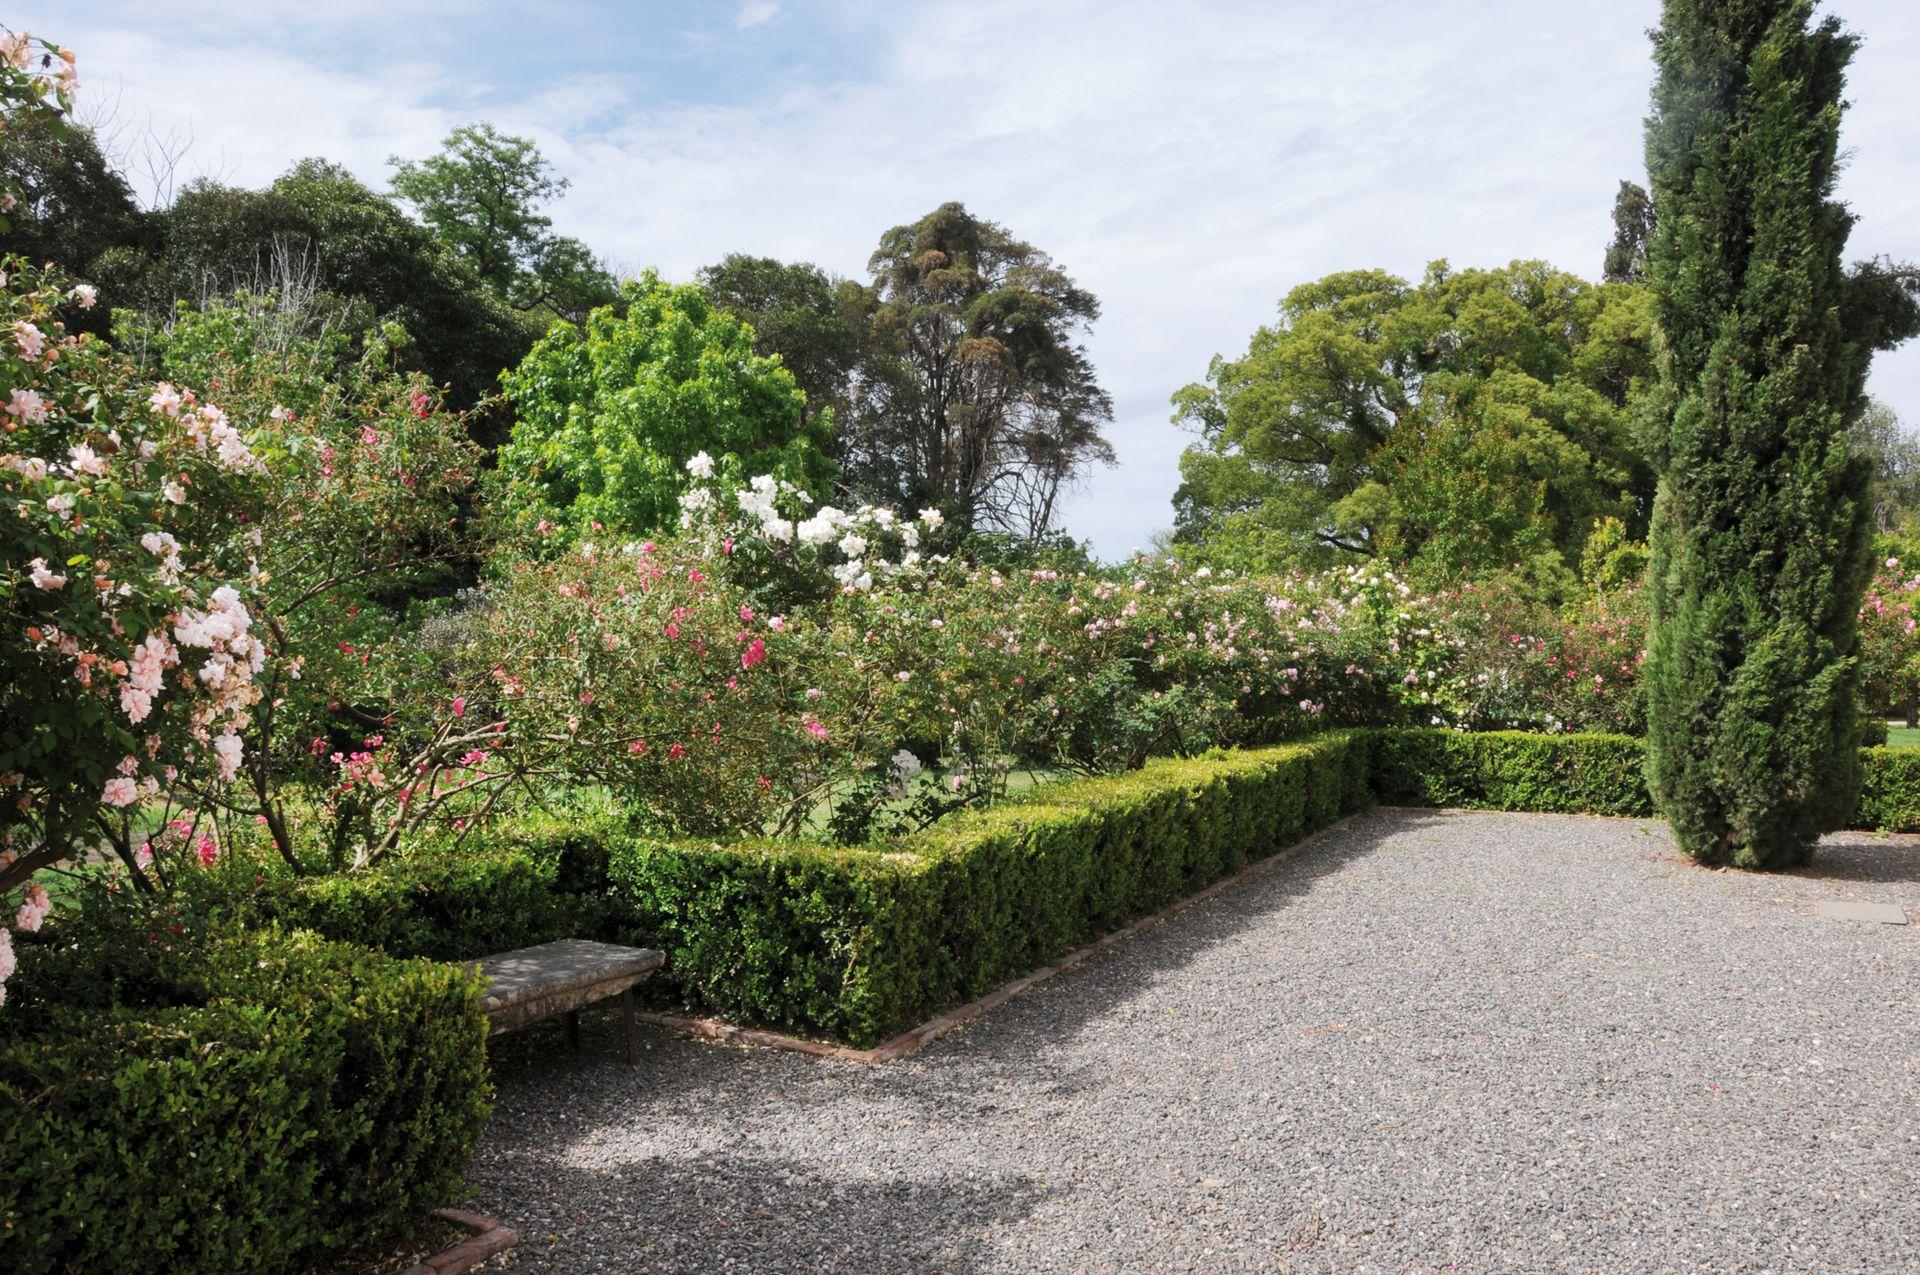 El jardín íntimo de la casa de mujeres se enmarcó con cipreses piramidales ejemplares, solado de granza y bancos de piedra recuperados. Atrás se ve la rosa china 'Mutabilis', la rosa polyantha 'Perle d'Or' y la rosa té 'Général Galliéni'.